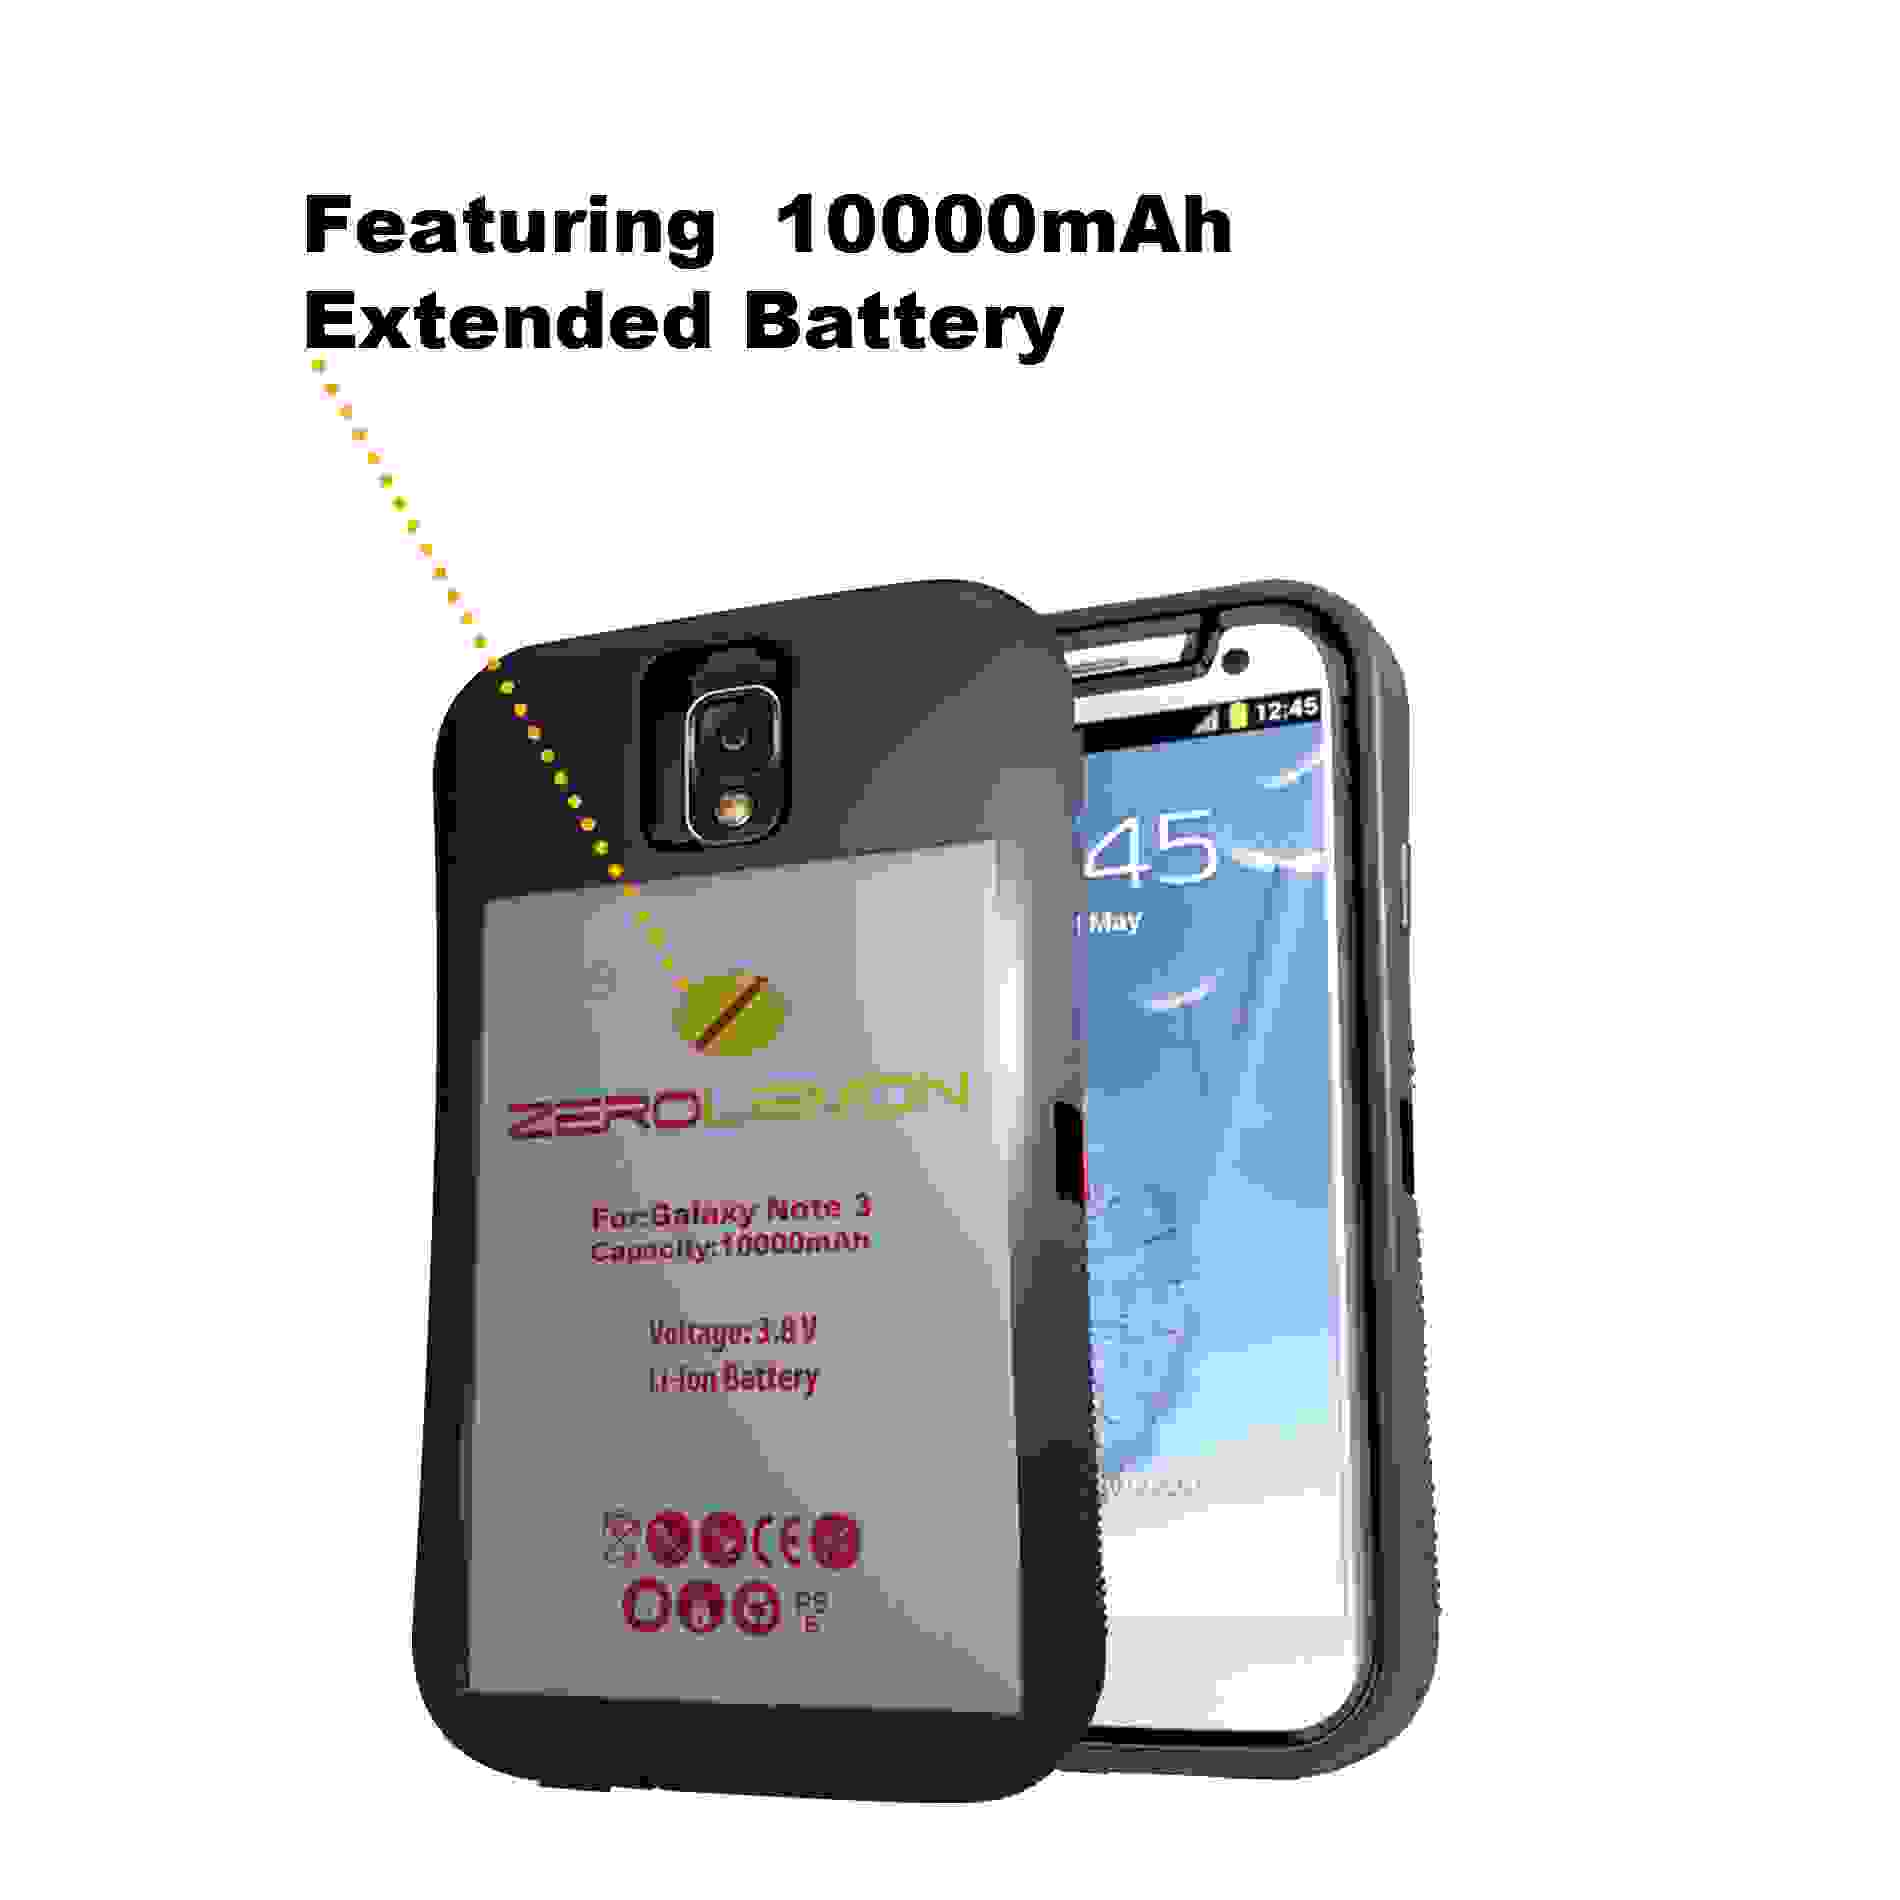 Samsung Galaxy Note 3 arriva la batteria da 10,000 mAh